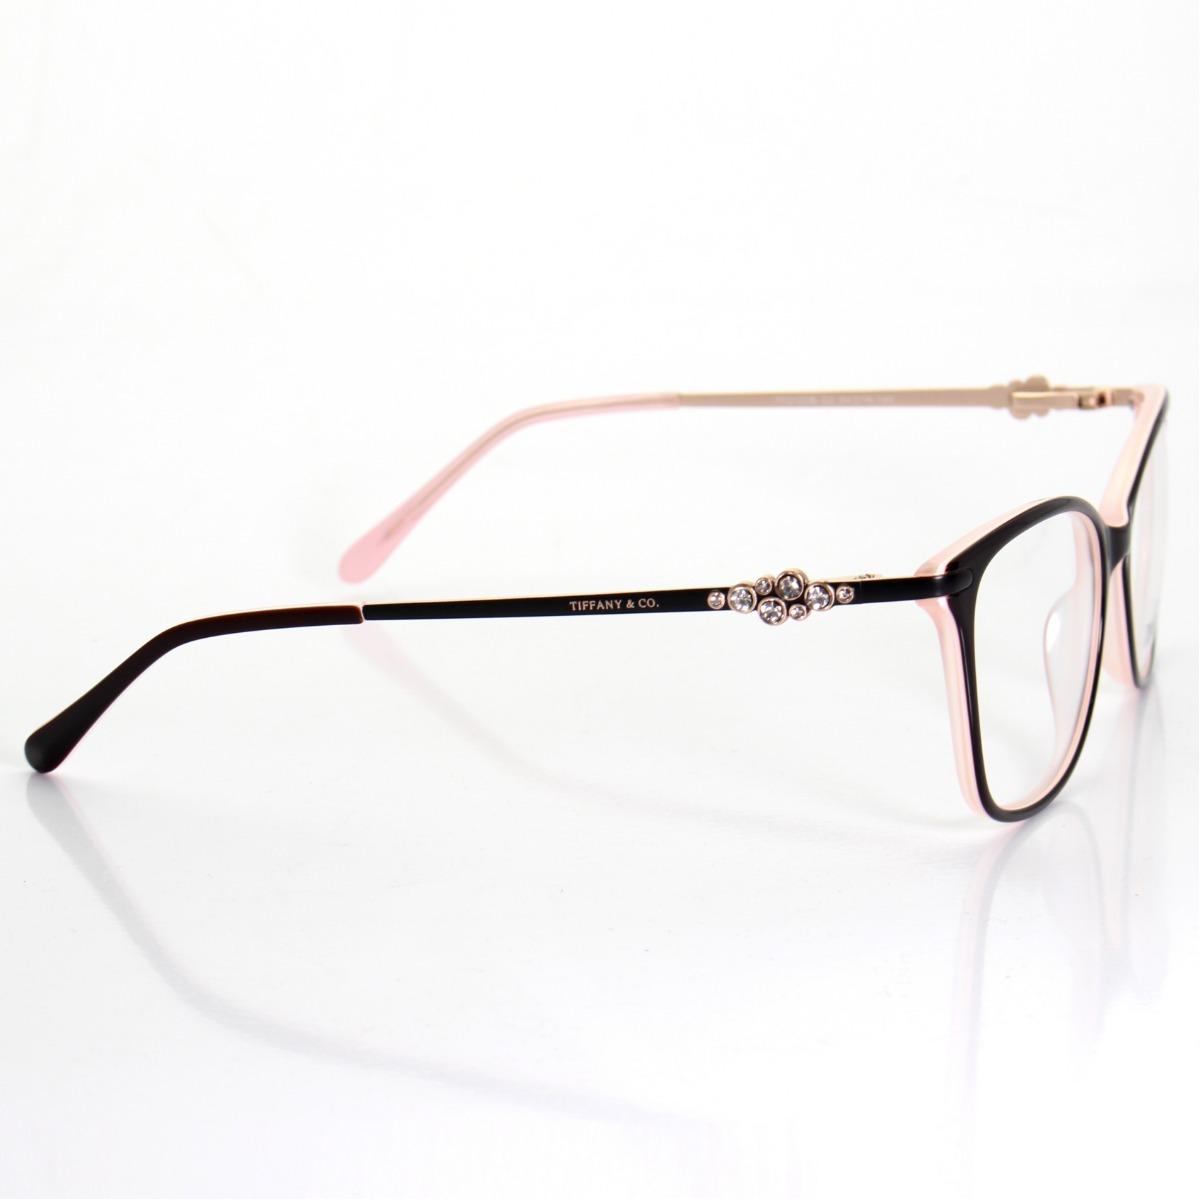 2a33a562c0a7a Armação De Grau - Tiffany   Co. Acetato - Tf2133 B Oculos - R  139 ...